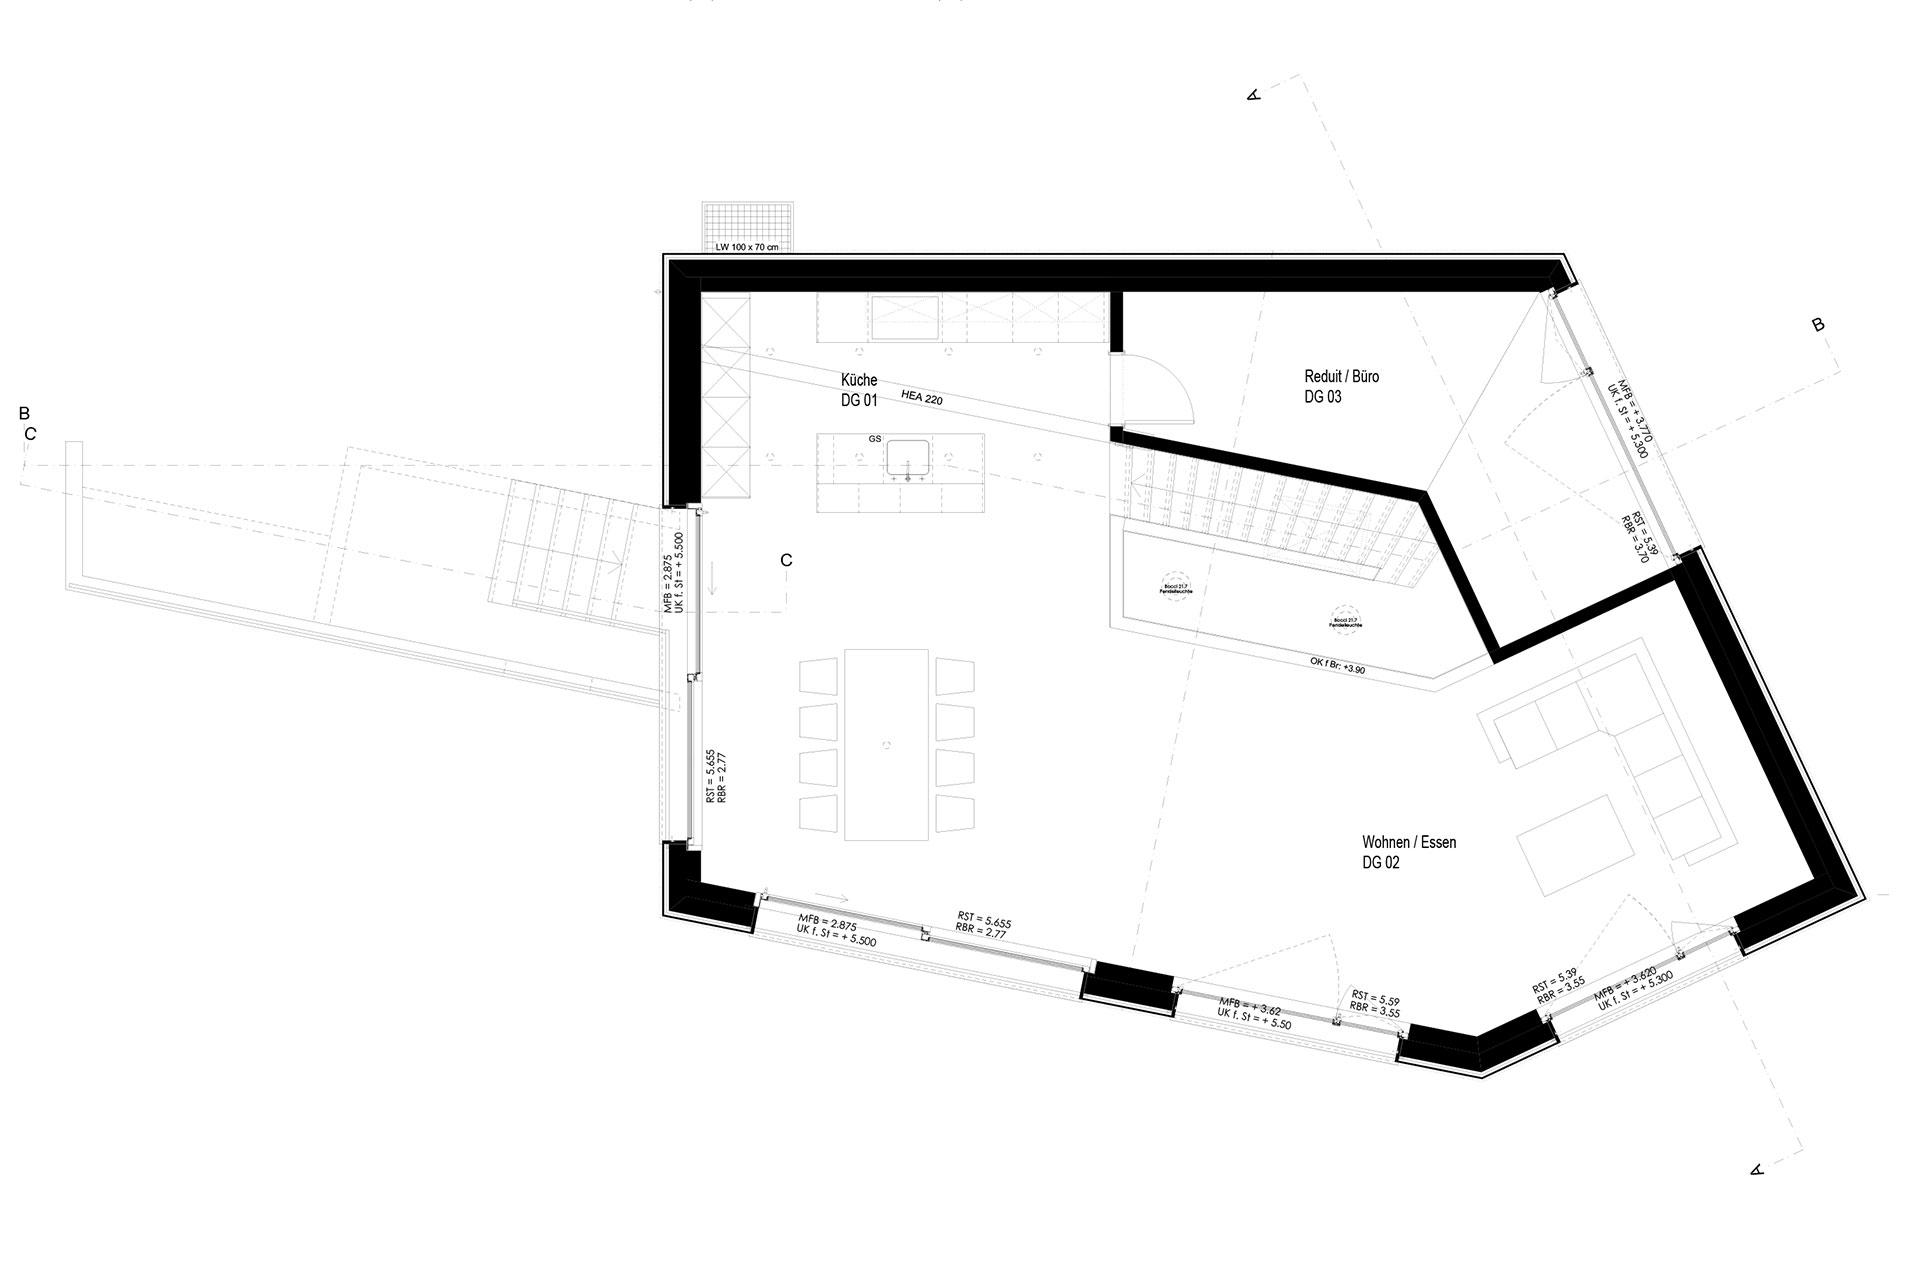 1305-KRWI-Werkplan-DG-sw